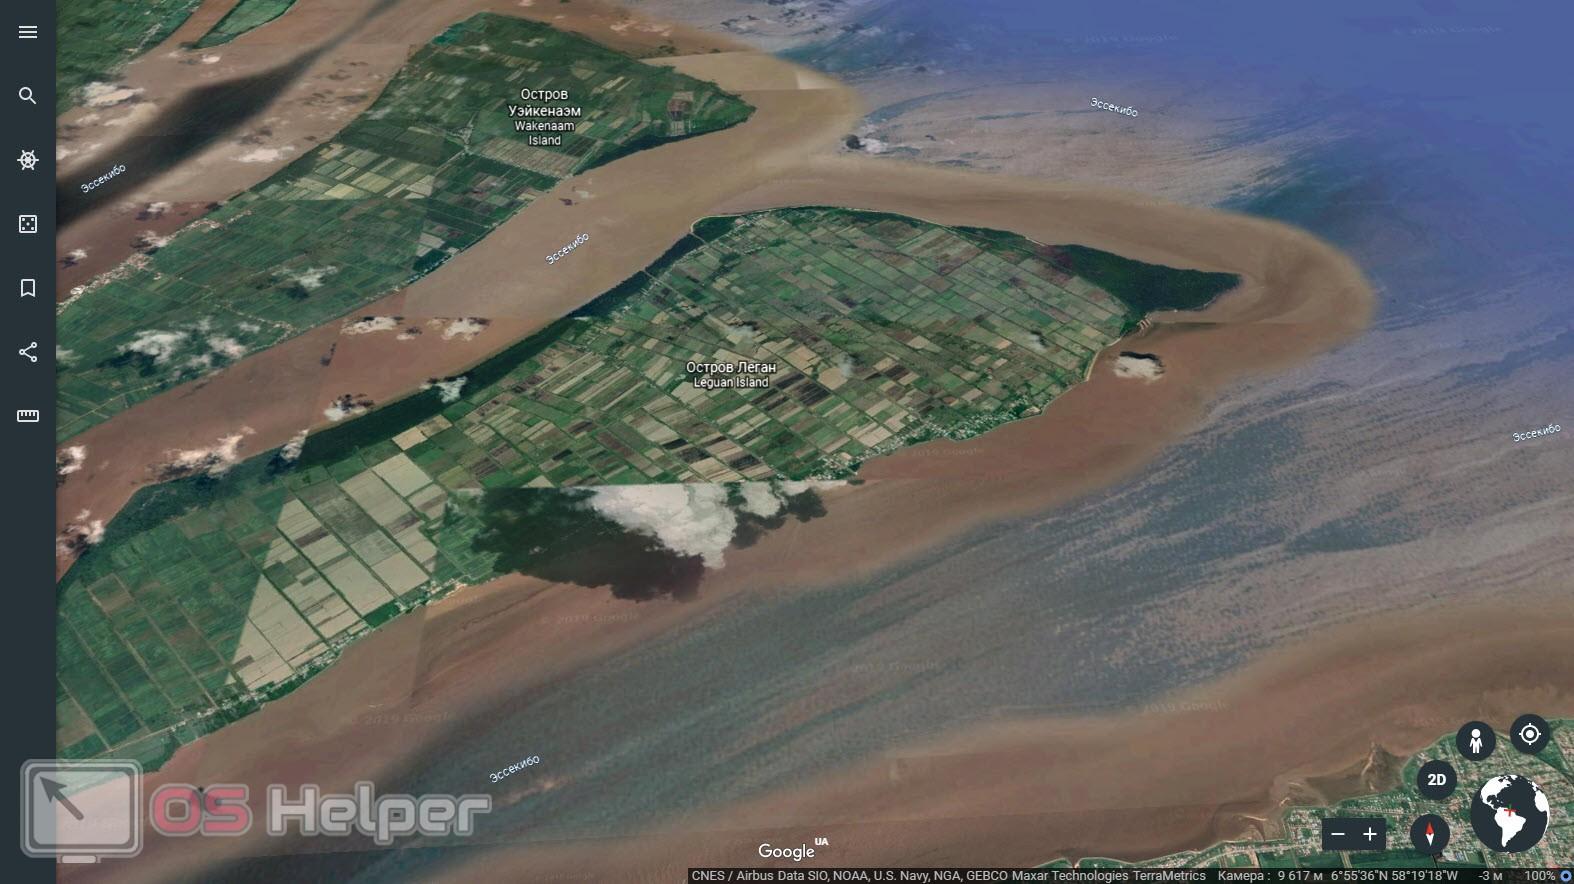 гугл мапс карты в реальном времени со спутника 2020 реального времени онлайн